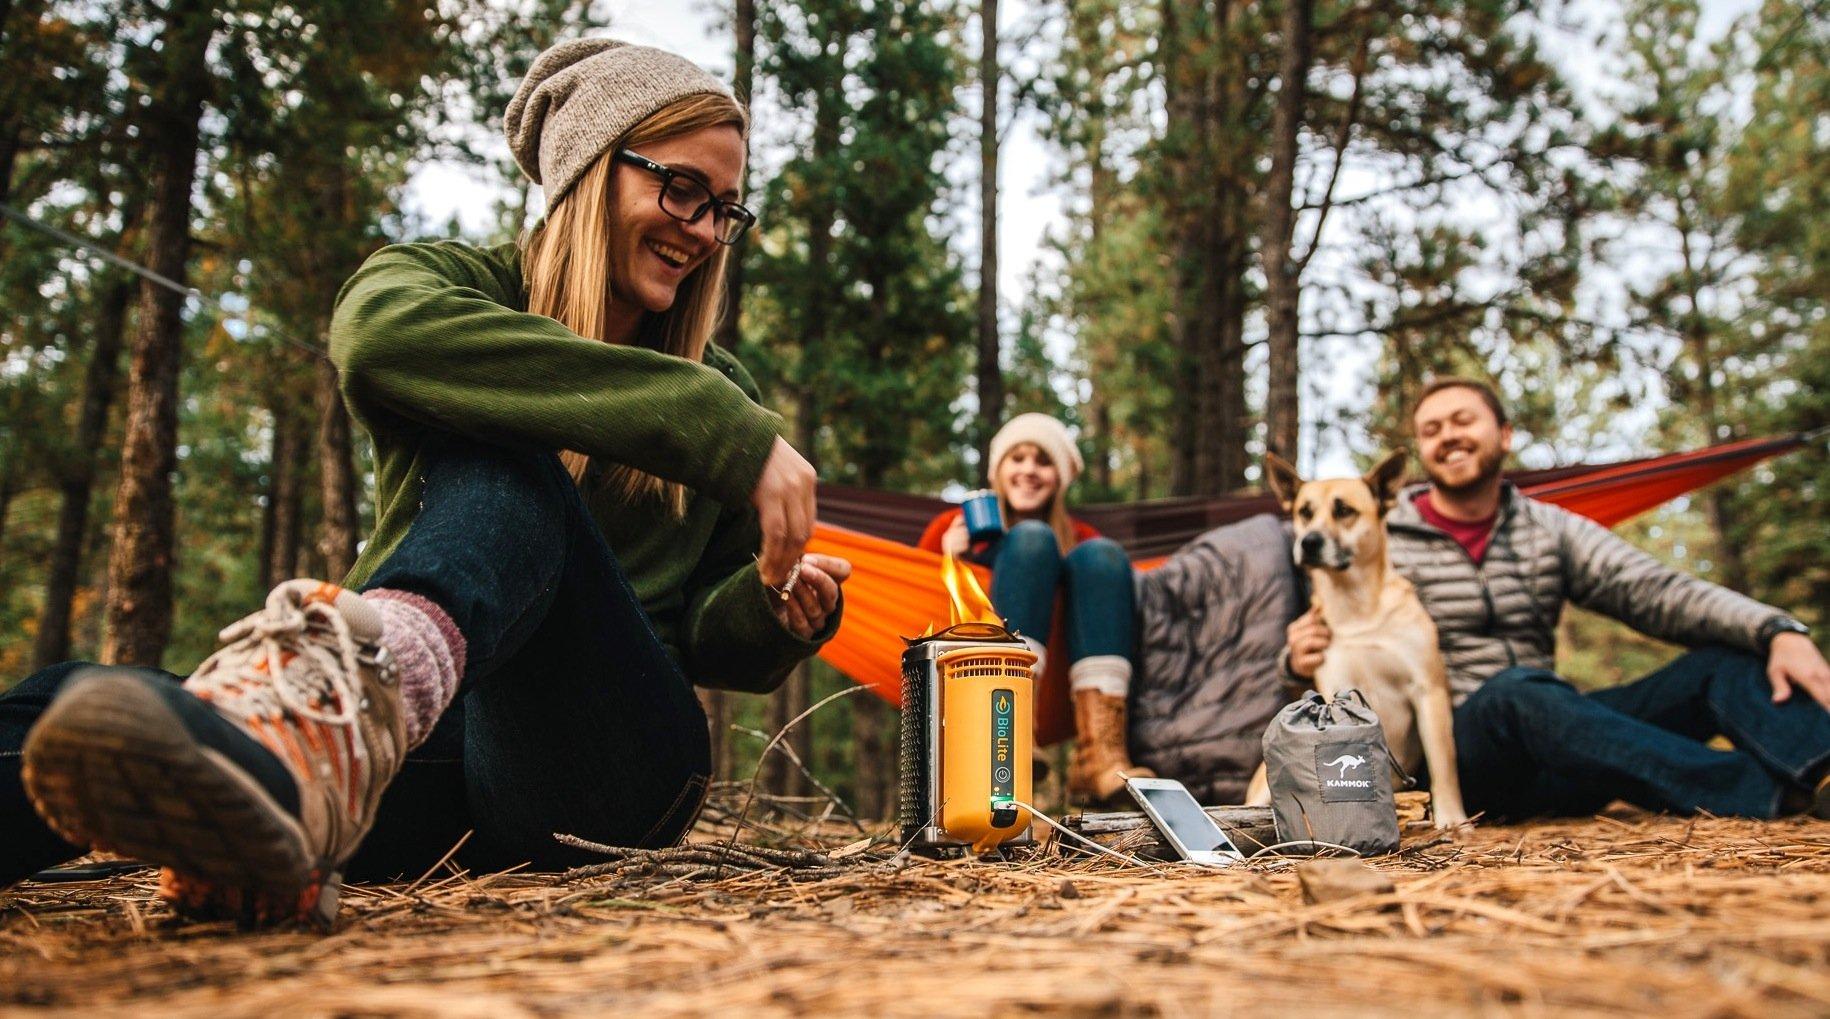 Der Campingkocher Biolite Stove kann nicht nur kochen und grillen, sondern erzeugt auch noch Strom für Lampe und Smartphone.